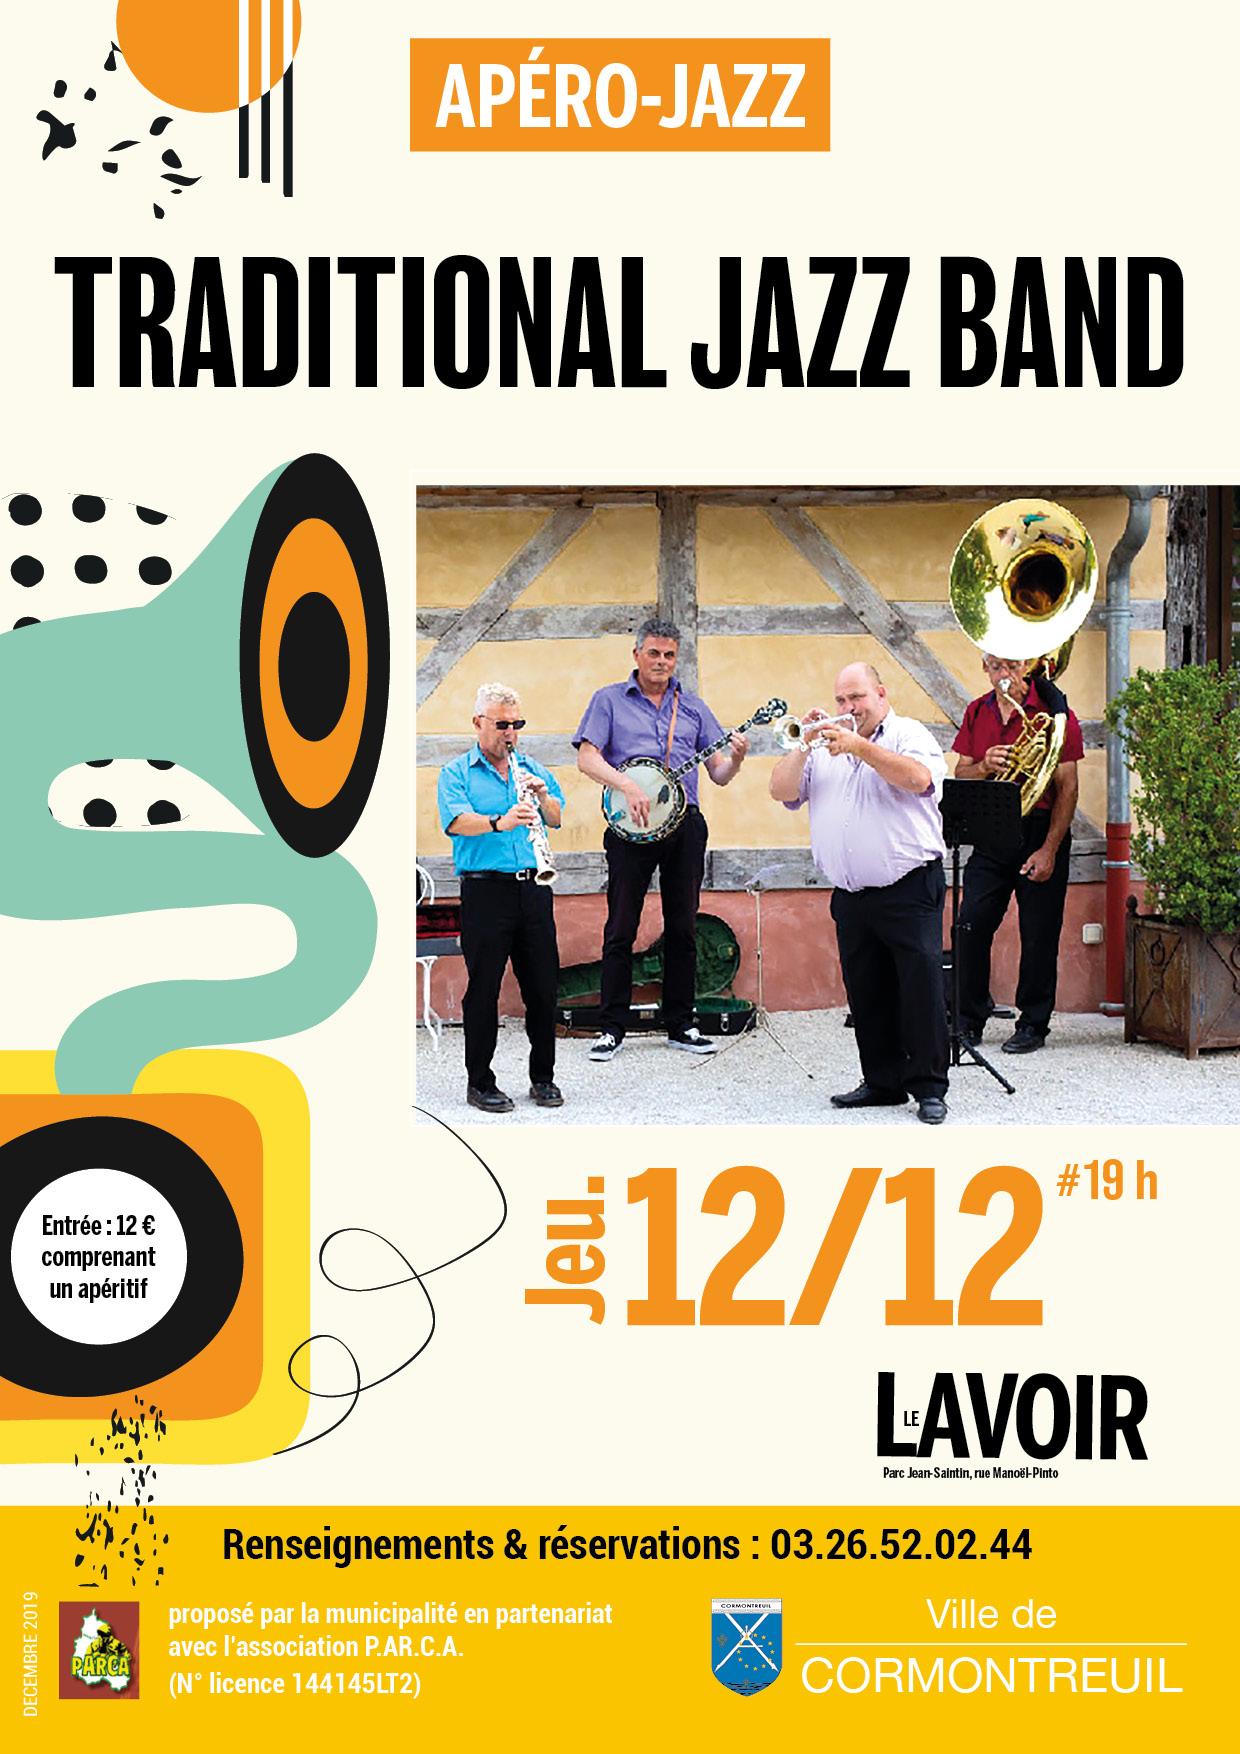 Cormontreuil apéro jazz Traditional Jazz Band jeudi 12 décembre 19h Le Lavoir tarif 12 euros